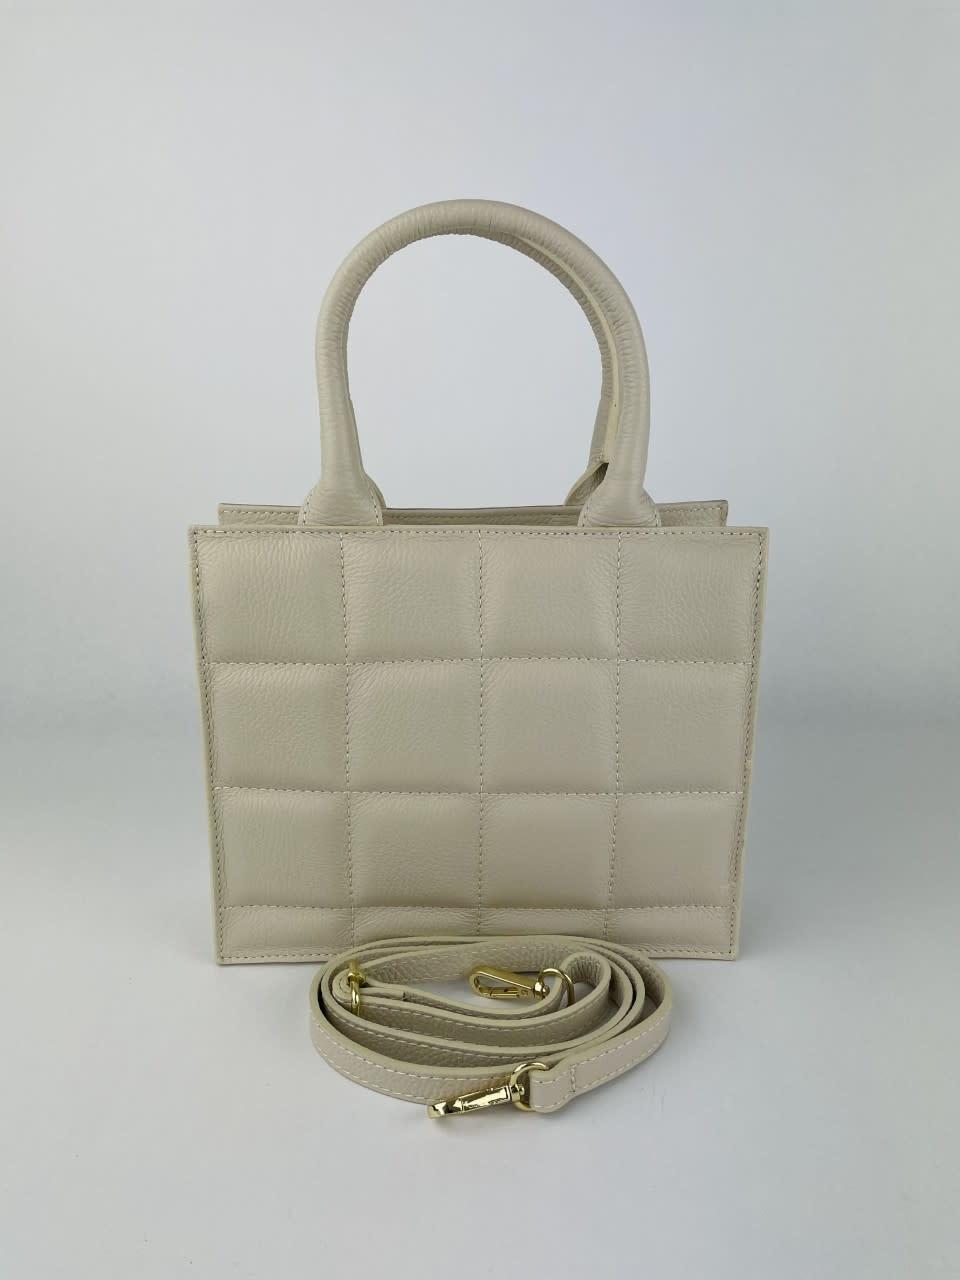 Metora leather bag Broken White-2